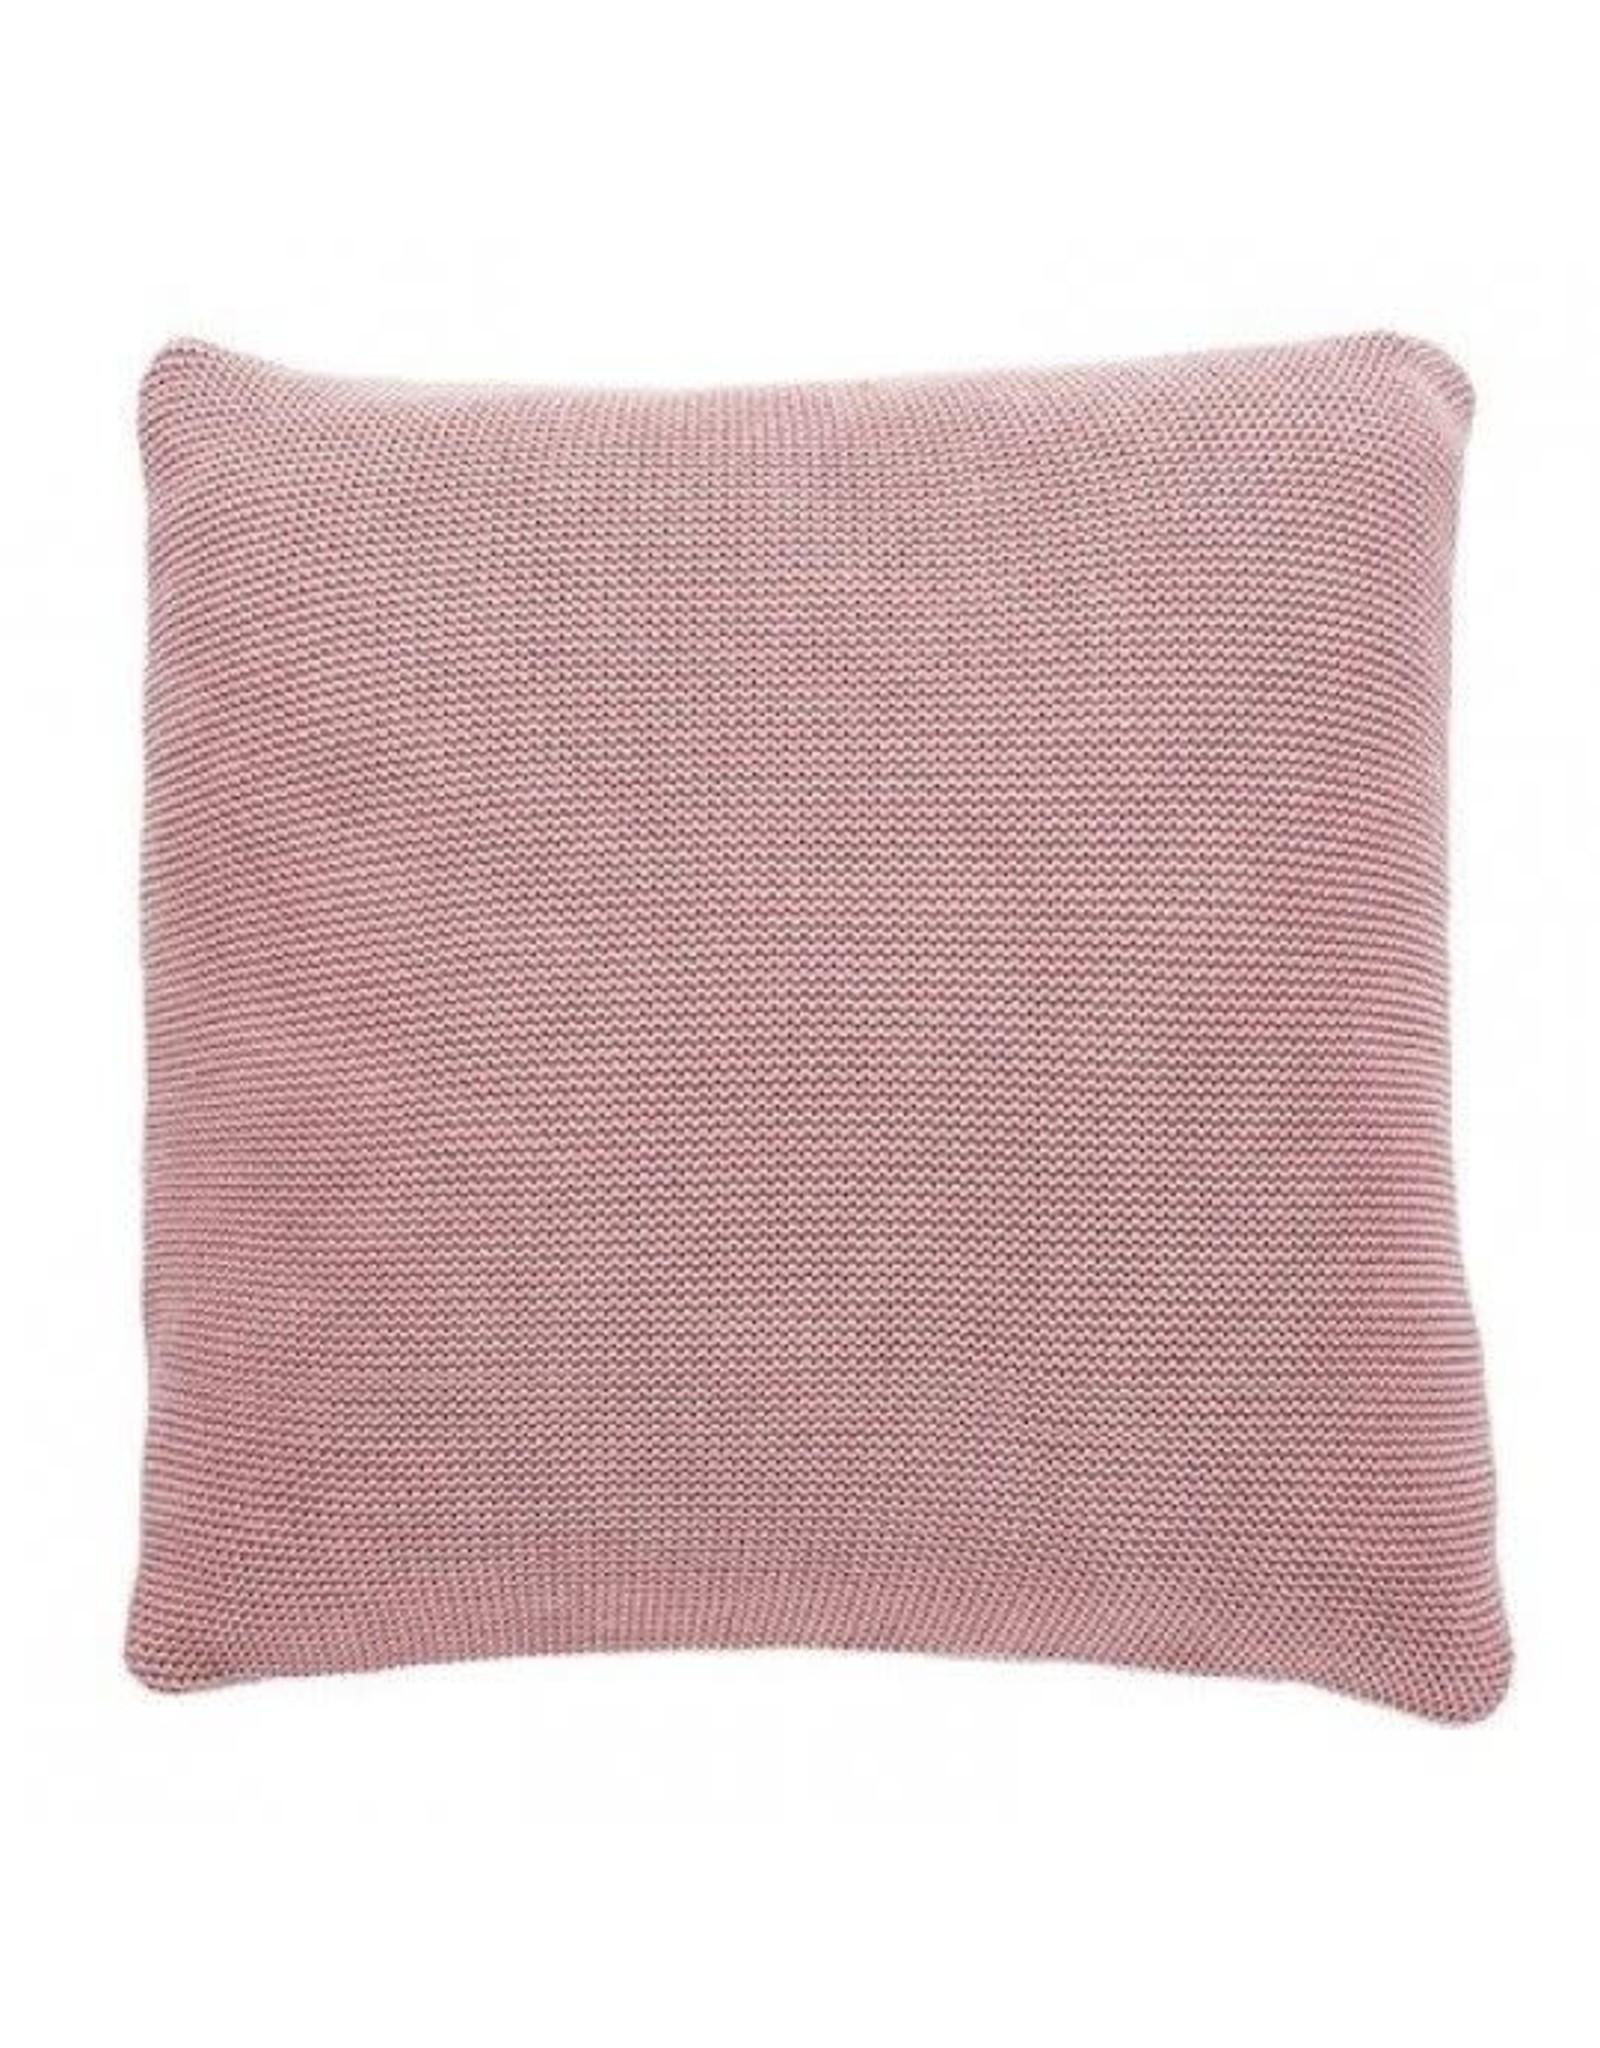 Brunelli Coussin rose et gris